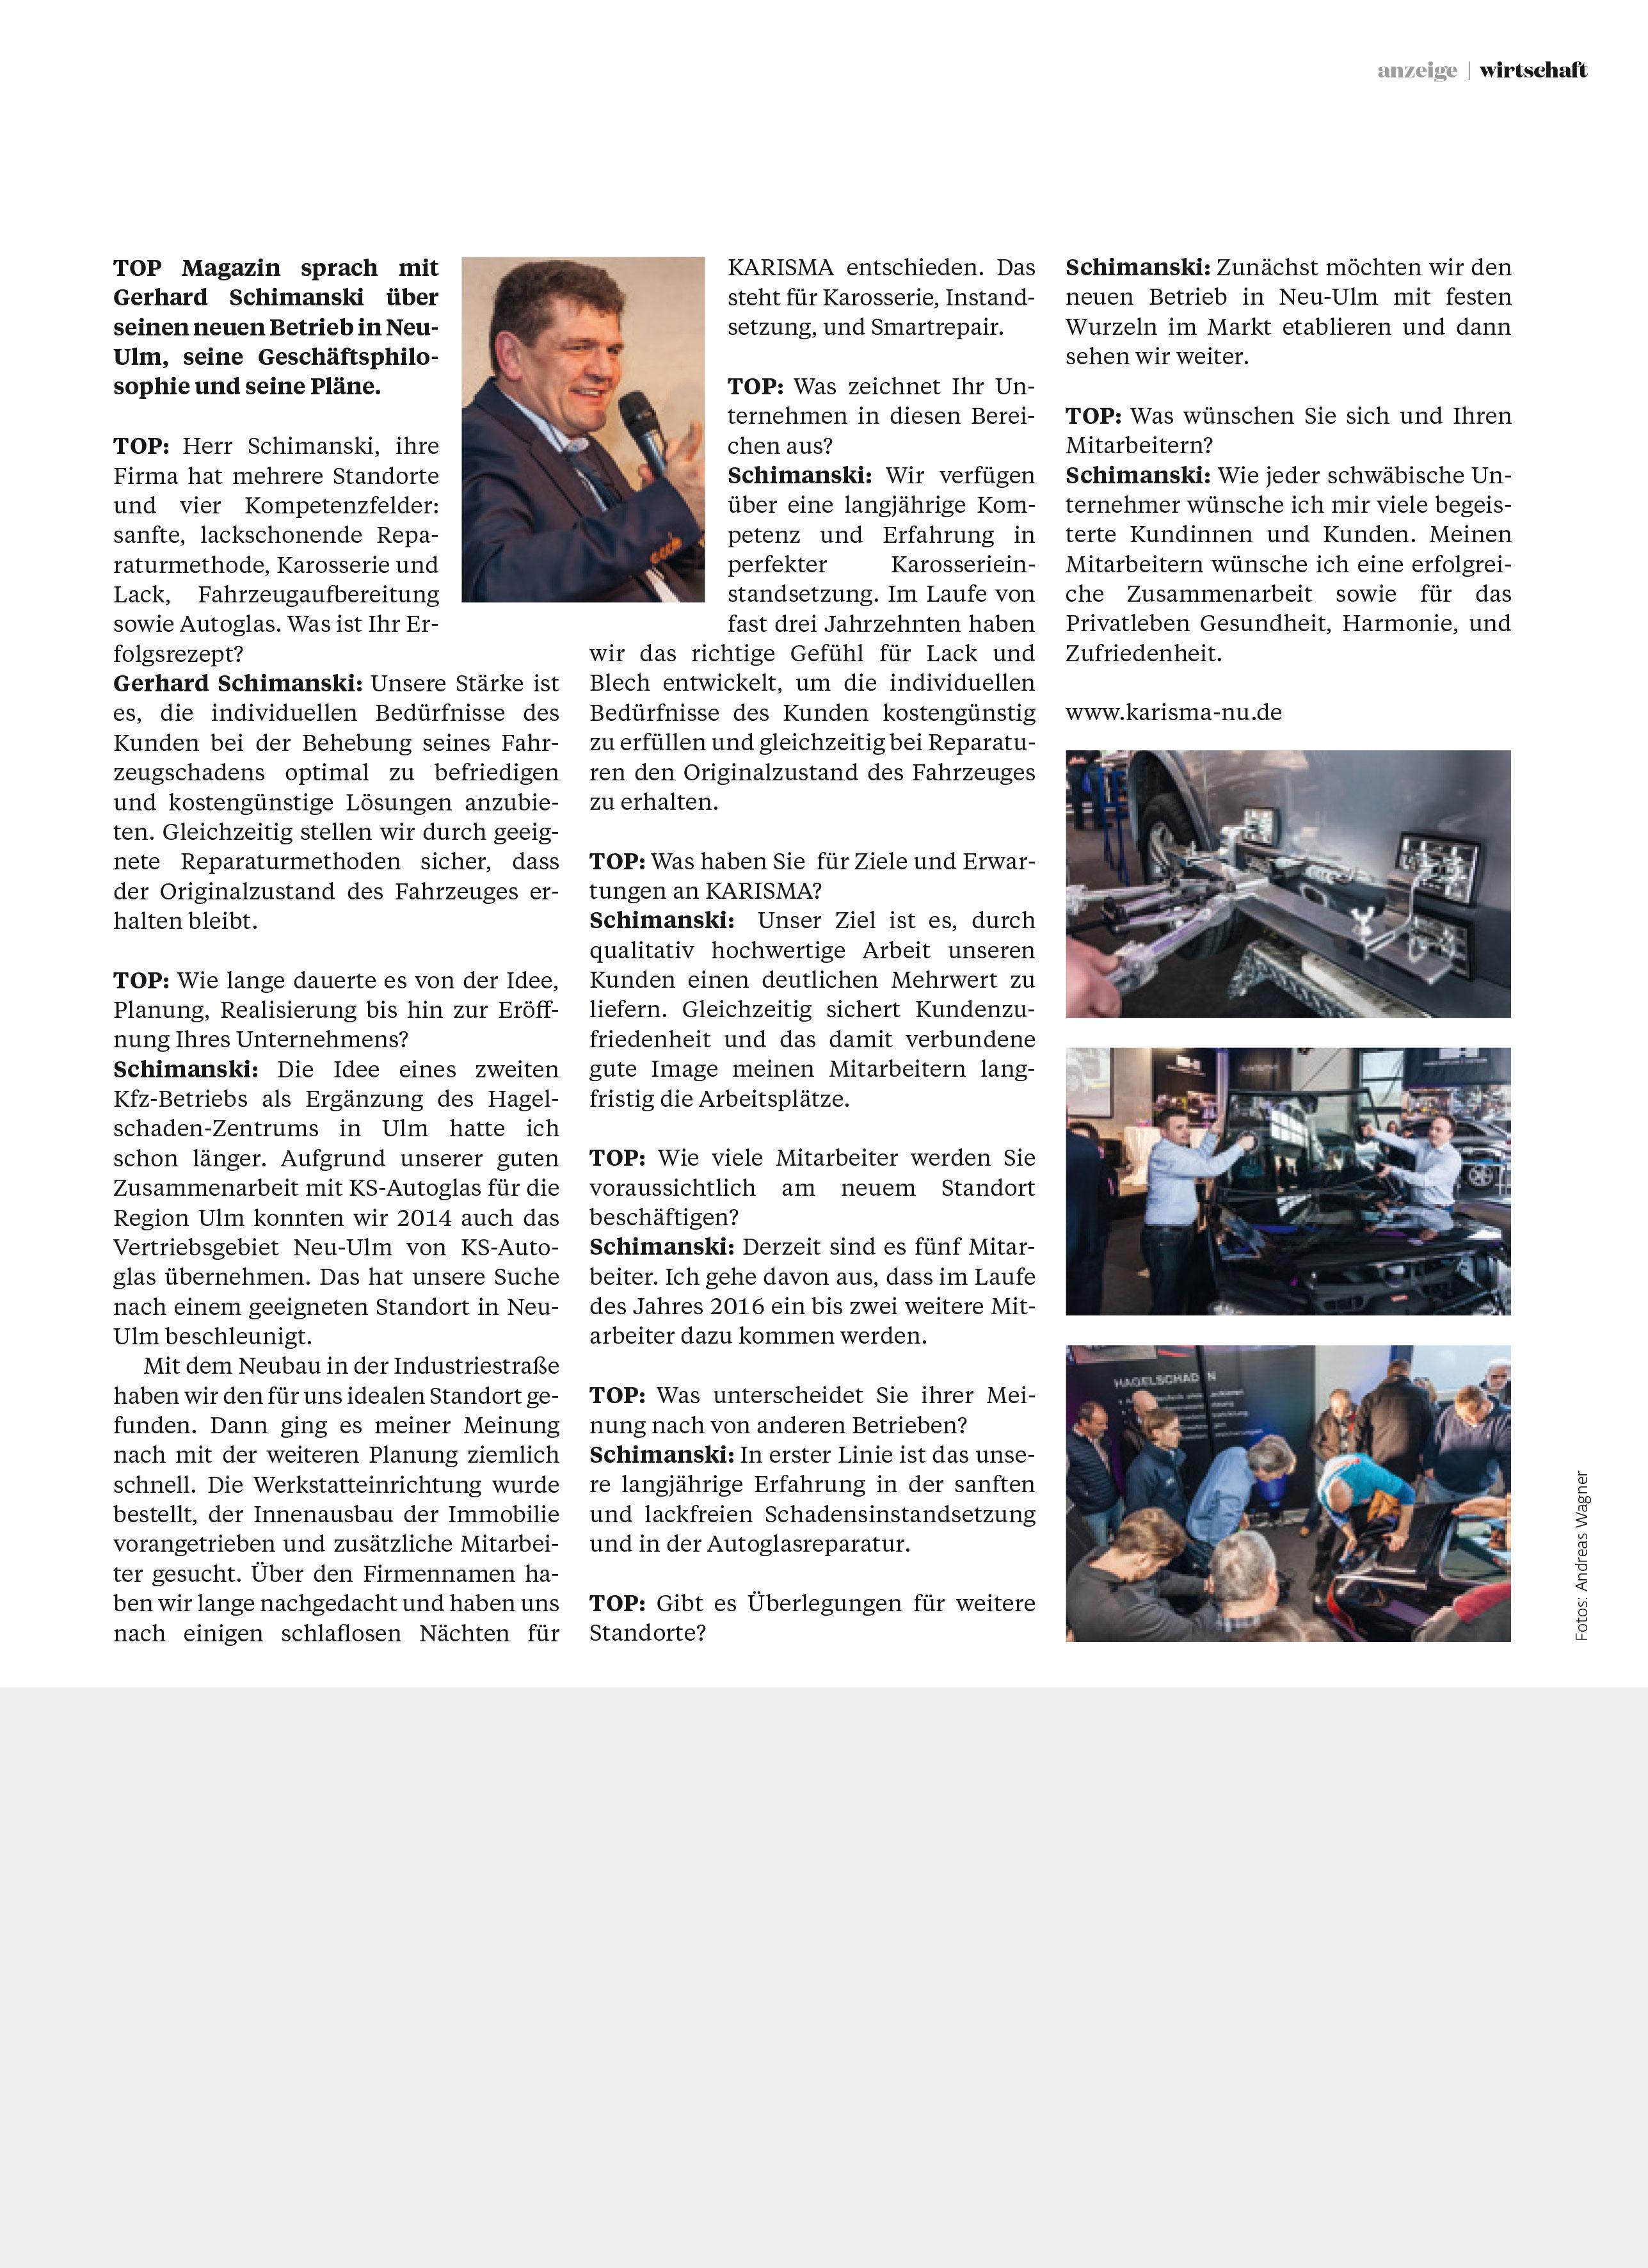 knu-presse-top-magazin-ulm-neueroeffnung-karisma-3